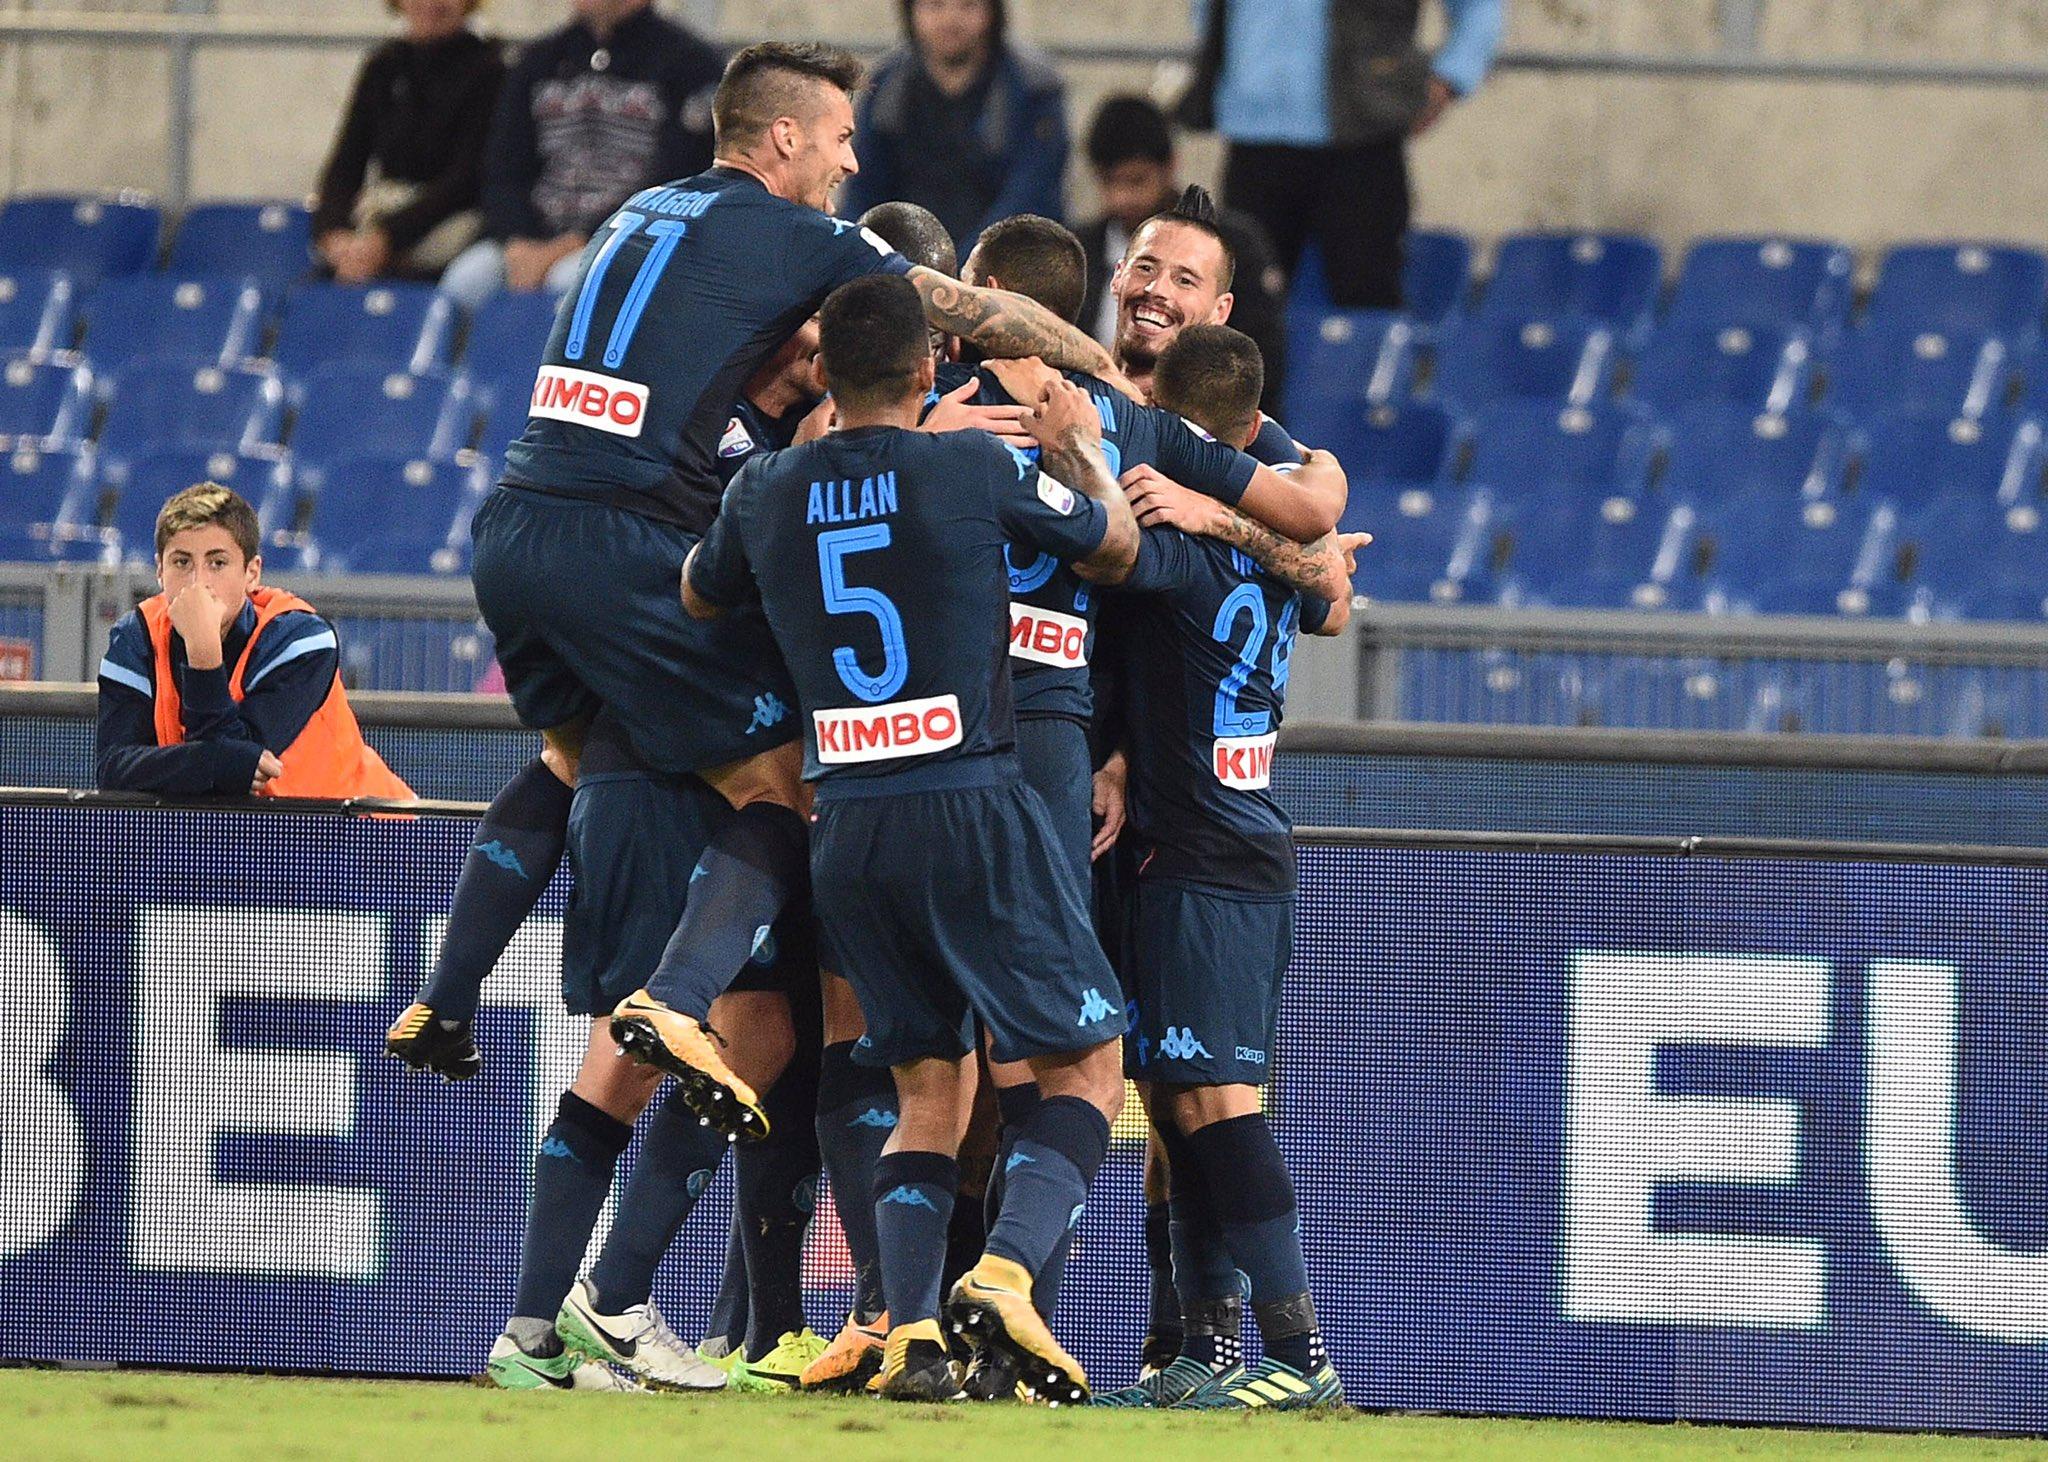 Lazio-Napoli 1-4: tutto ribaltato in cinque minuti, biancocelesti distrutti